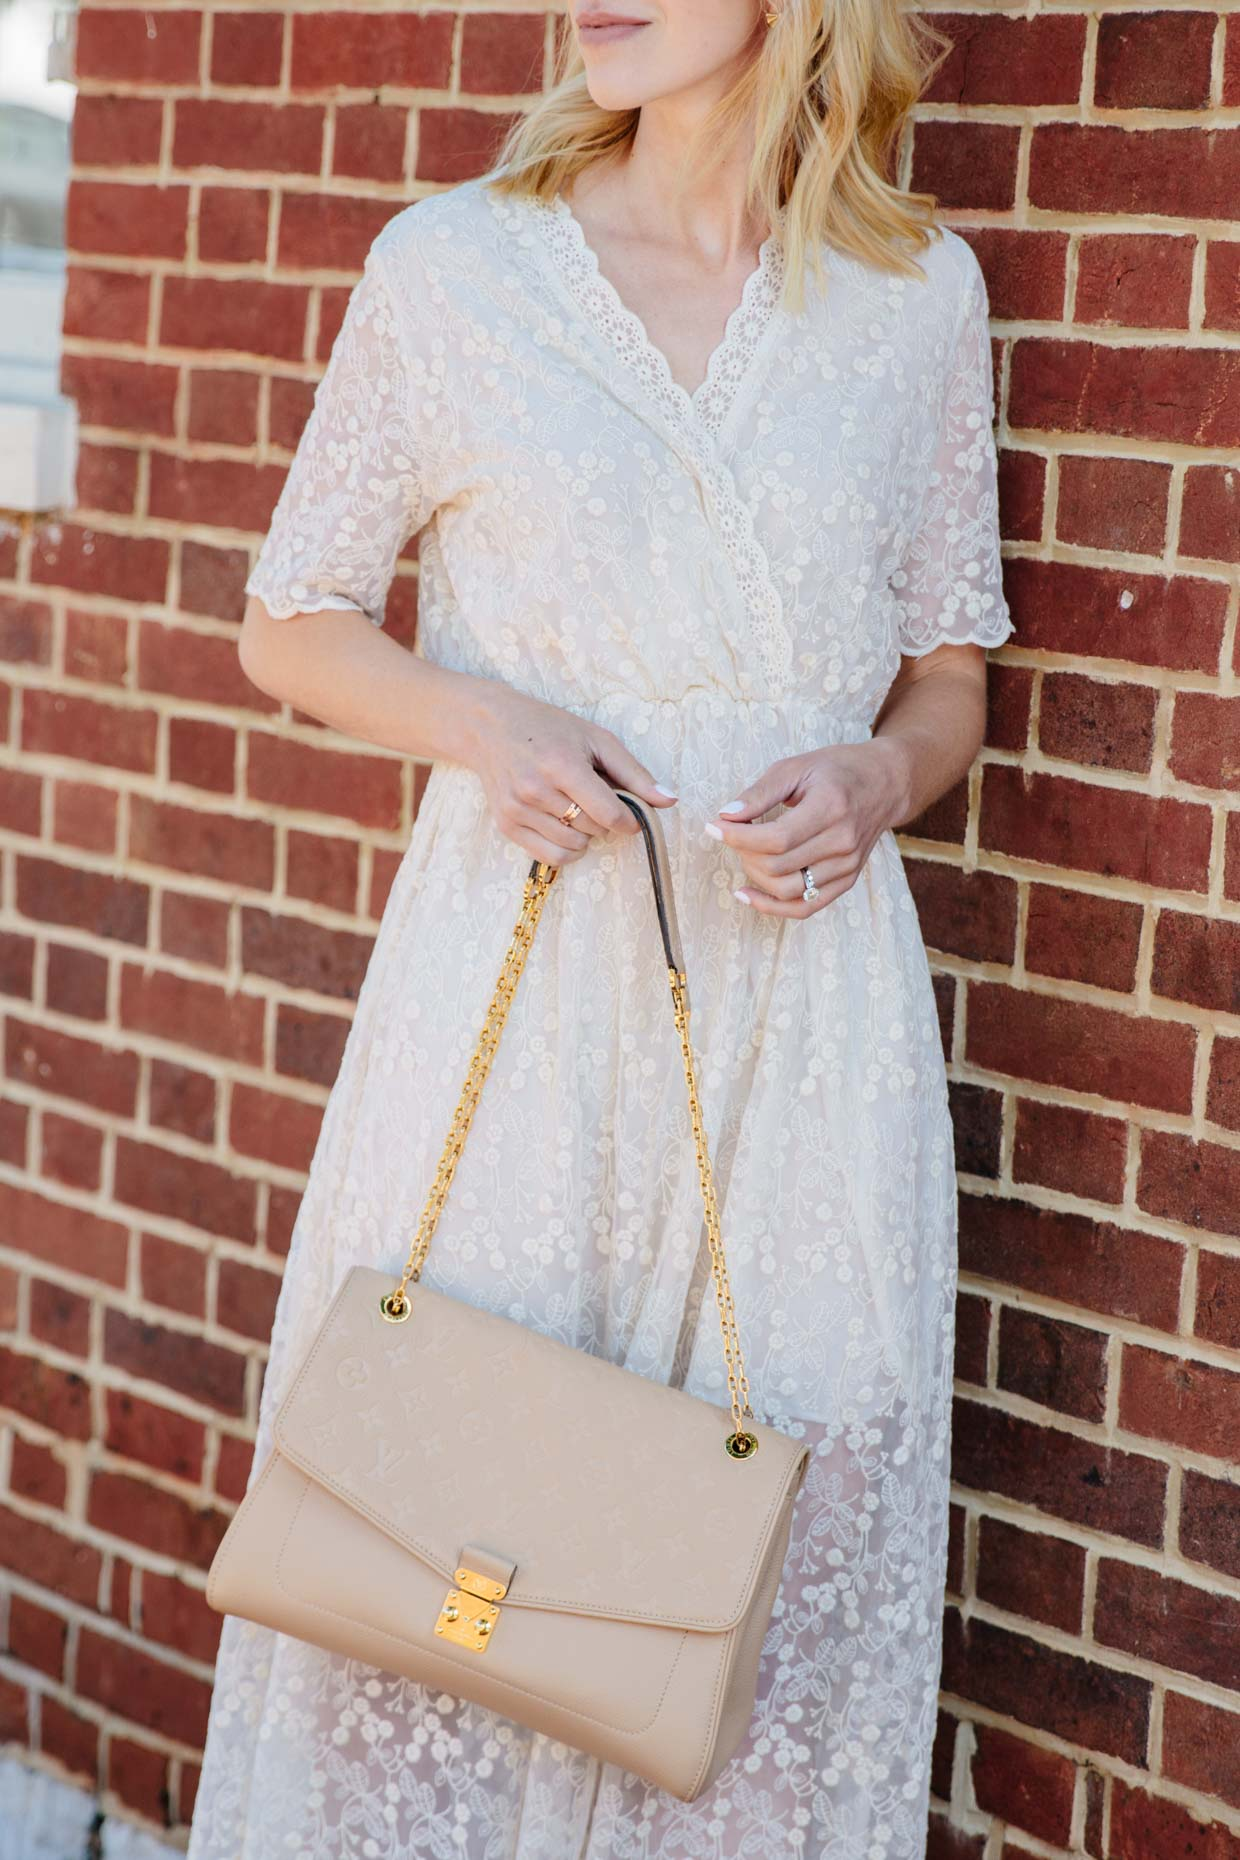 da17952ec0e7f A Romantic Lace Dress for Any Occasion - Meagan's Moda